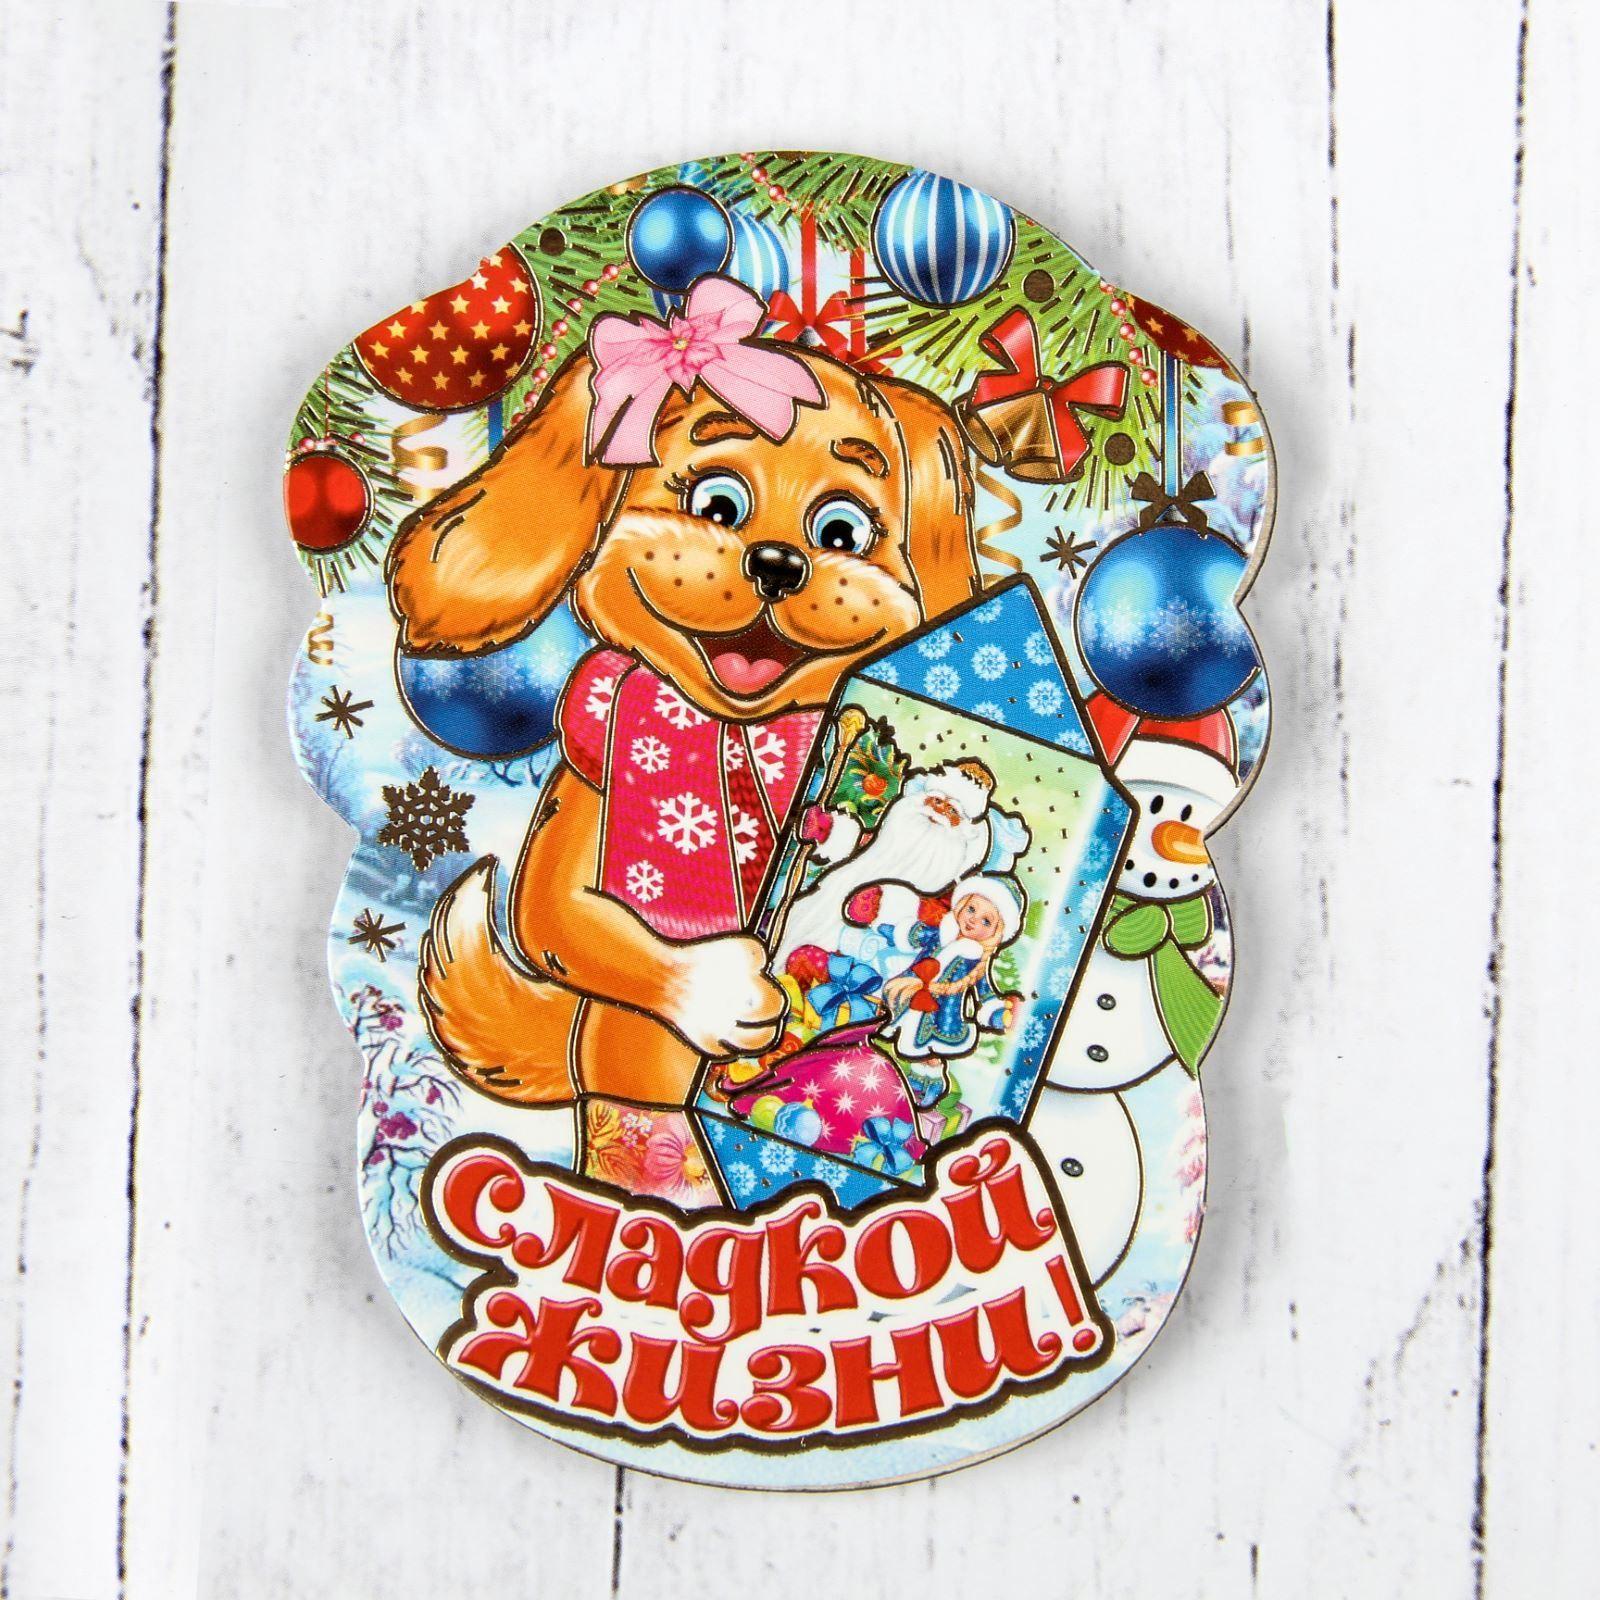 Магнит Sima-land Новогодний. 2018, 10 х 7,5 см. 25324022532402Порадуйте родных и близких оригинальным сувениром: преподнесите в подарок магнит. С ним даже самый серьёзный человек почувствует себя ребёнком, ожидающим чудо! Создайте праздничное настроение, и оно останется с вами на весь год.